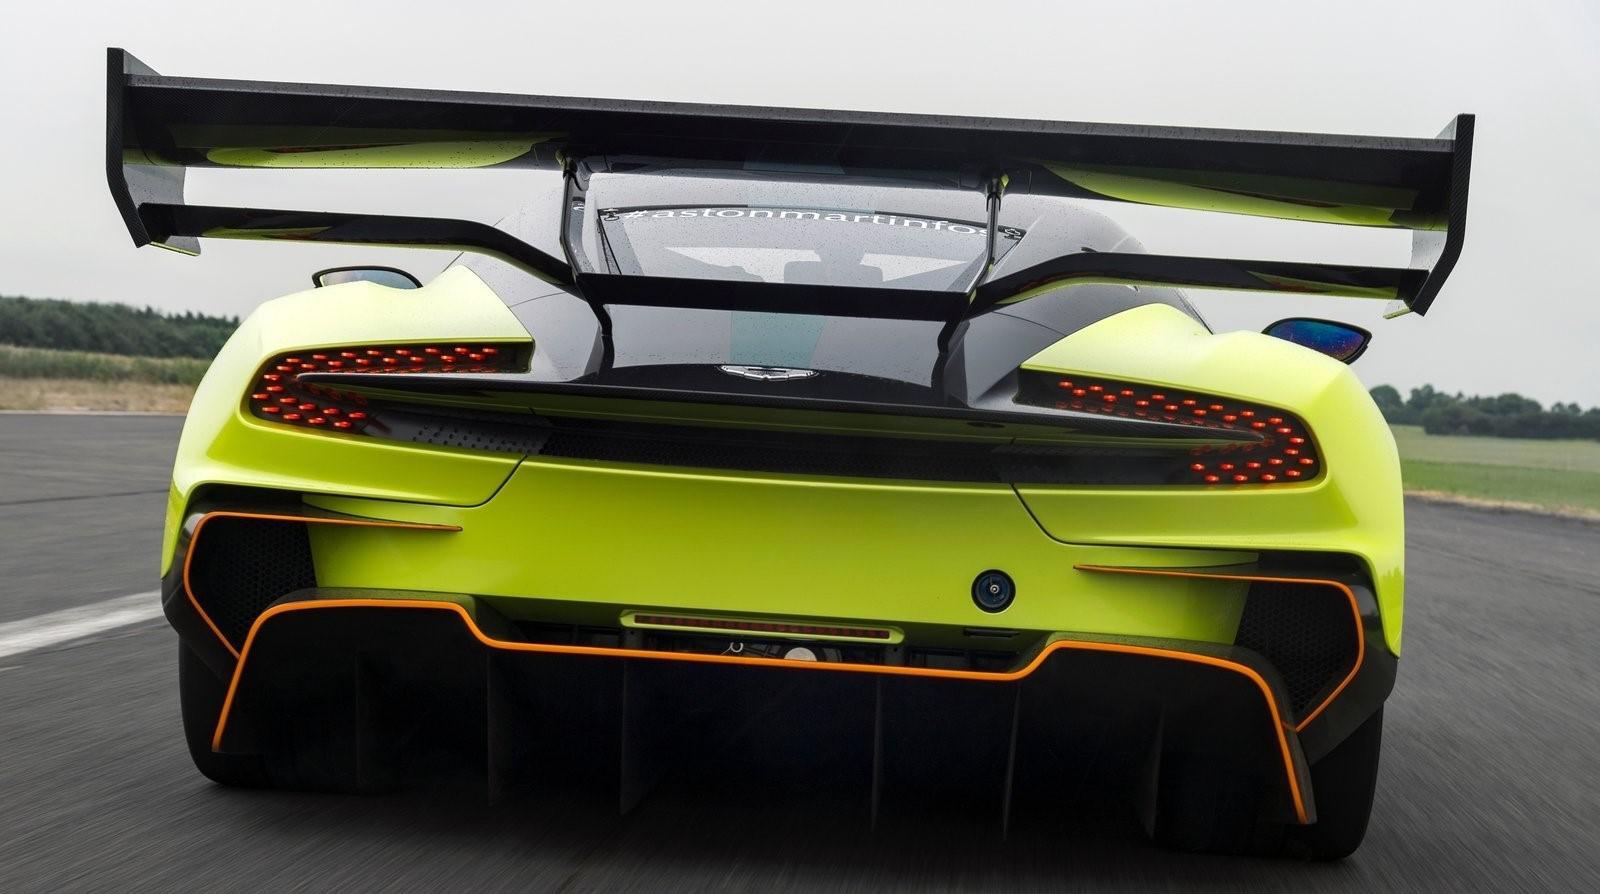 la-voiture-de-piste-la-plus-extreme-au-monde-aston-martin-vulcan-amr-pro-1308-3.jpg